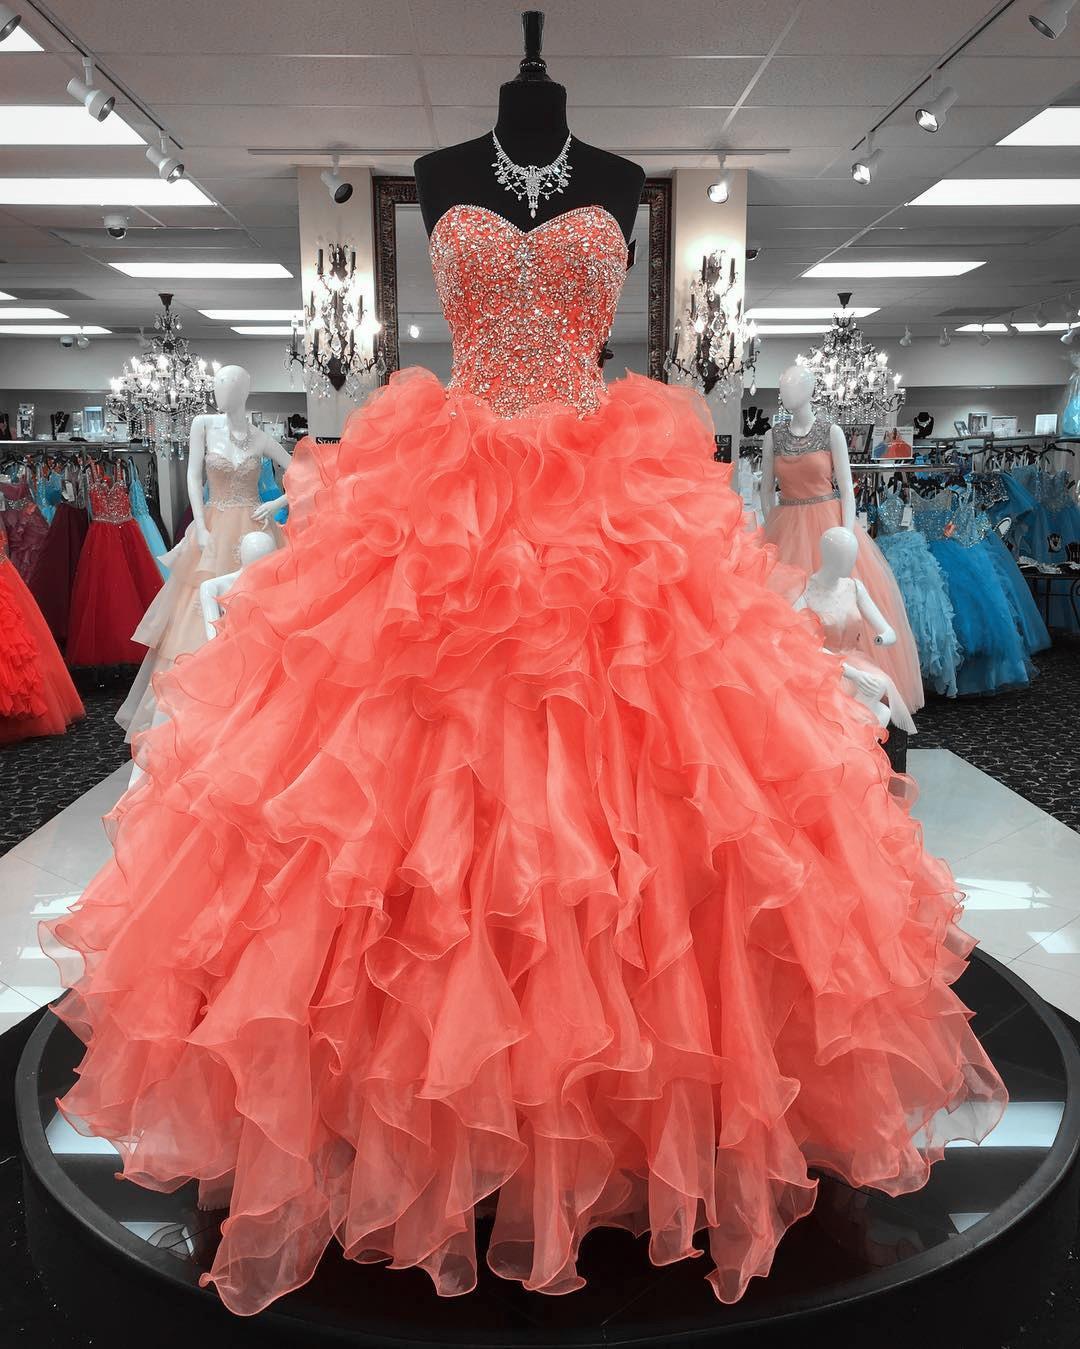 Nuevo Coral Quinceañera Vestidos Vestido Bola Tulle Apliques Apliques Sweet 16 Vestidos Tallas Tallas Formales Vestidos de Prom Partido QC1546